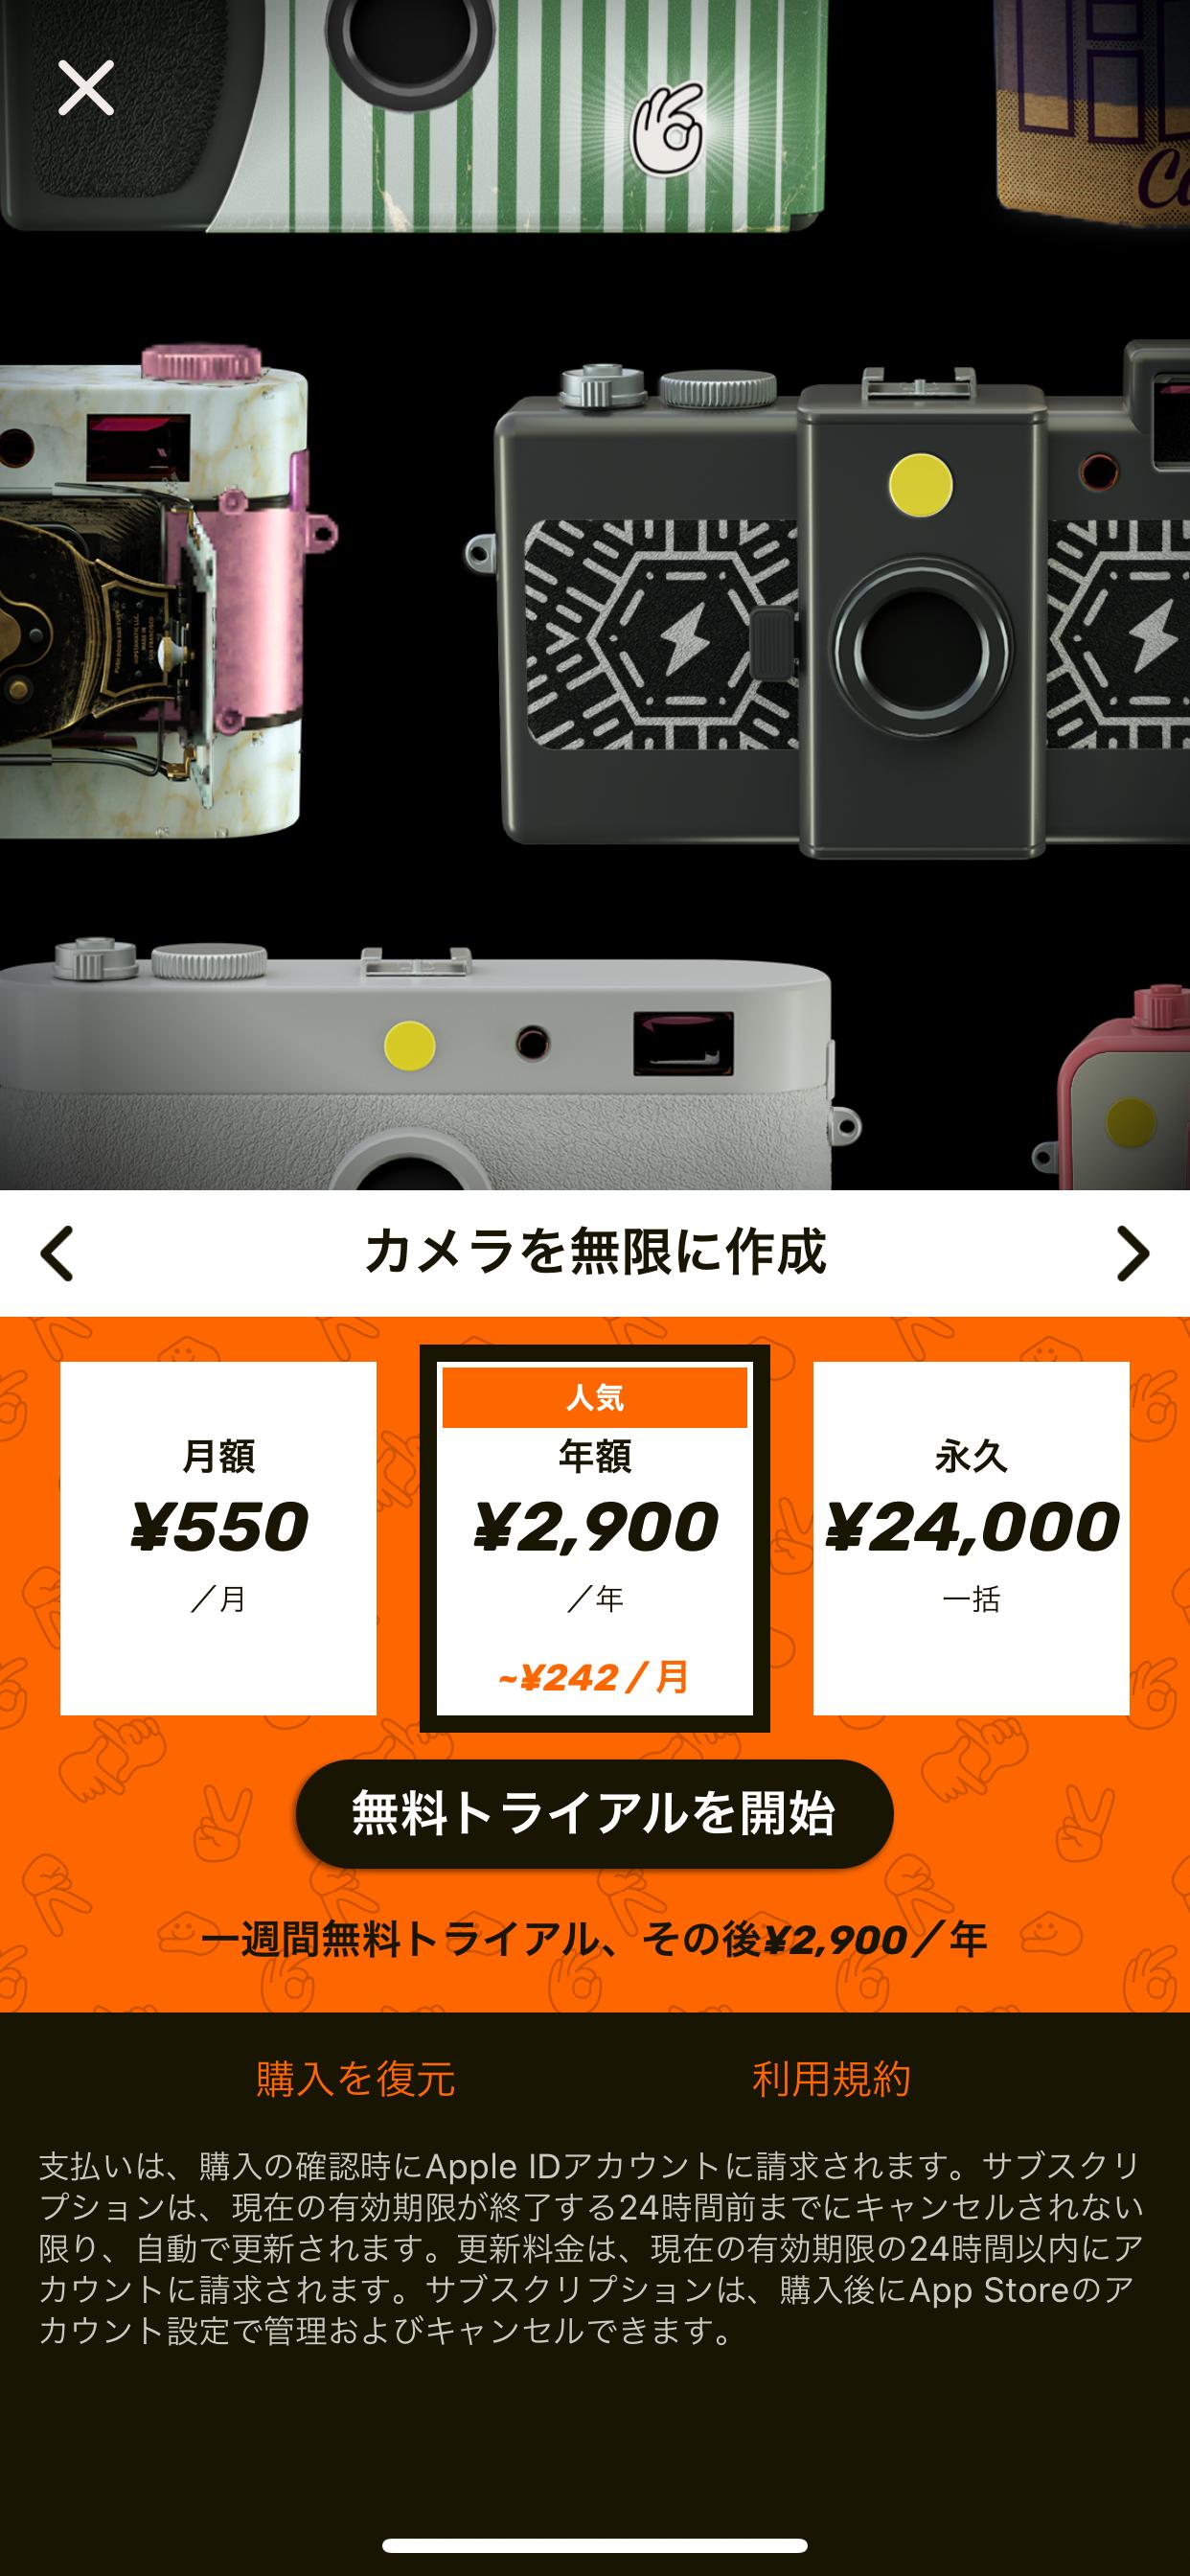 f:id:asakatomoki:20200518142133p:image